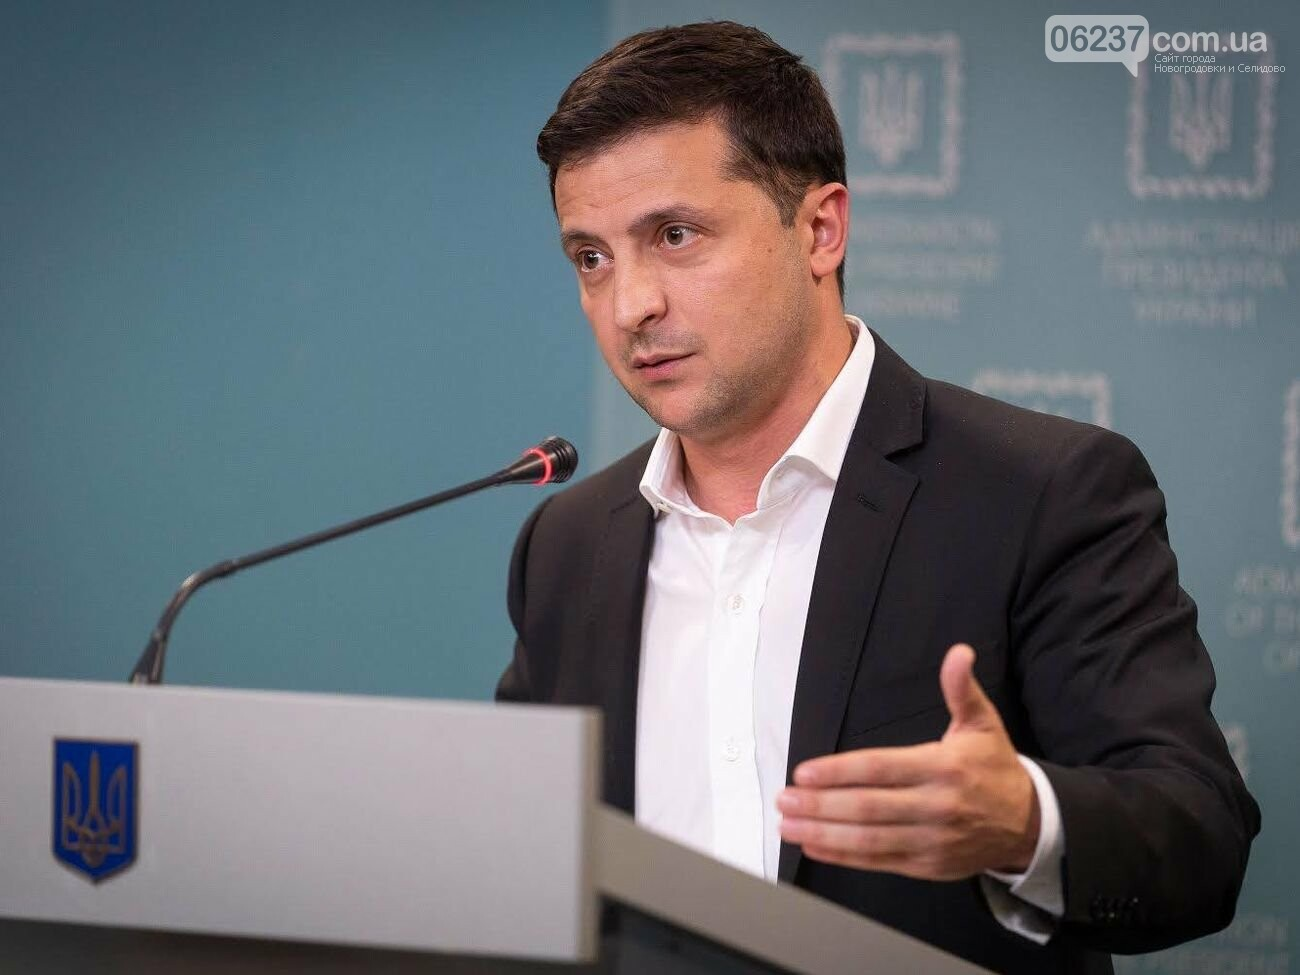 В українців за кордоном є три доби, щоб повернутися додому – президент, фото-1